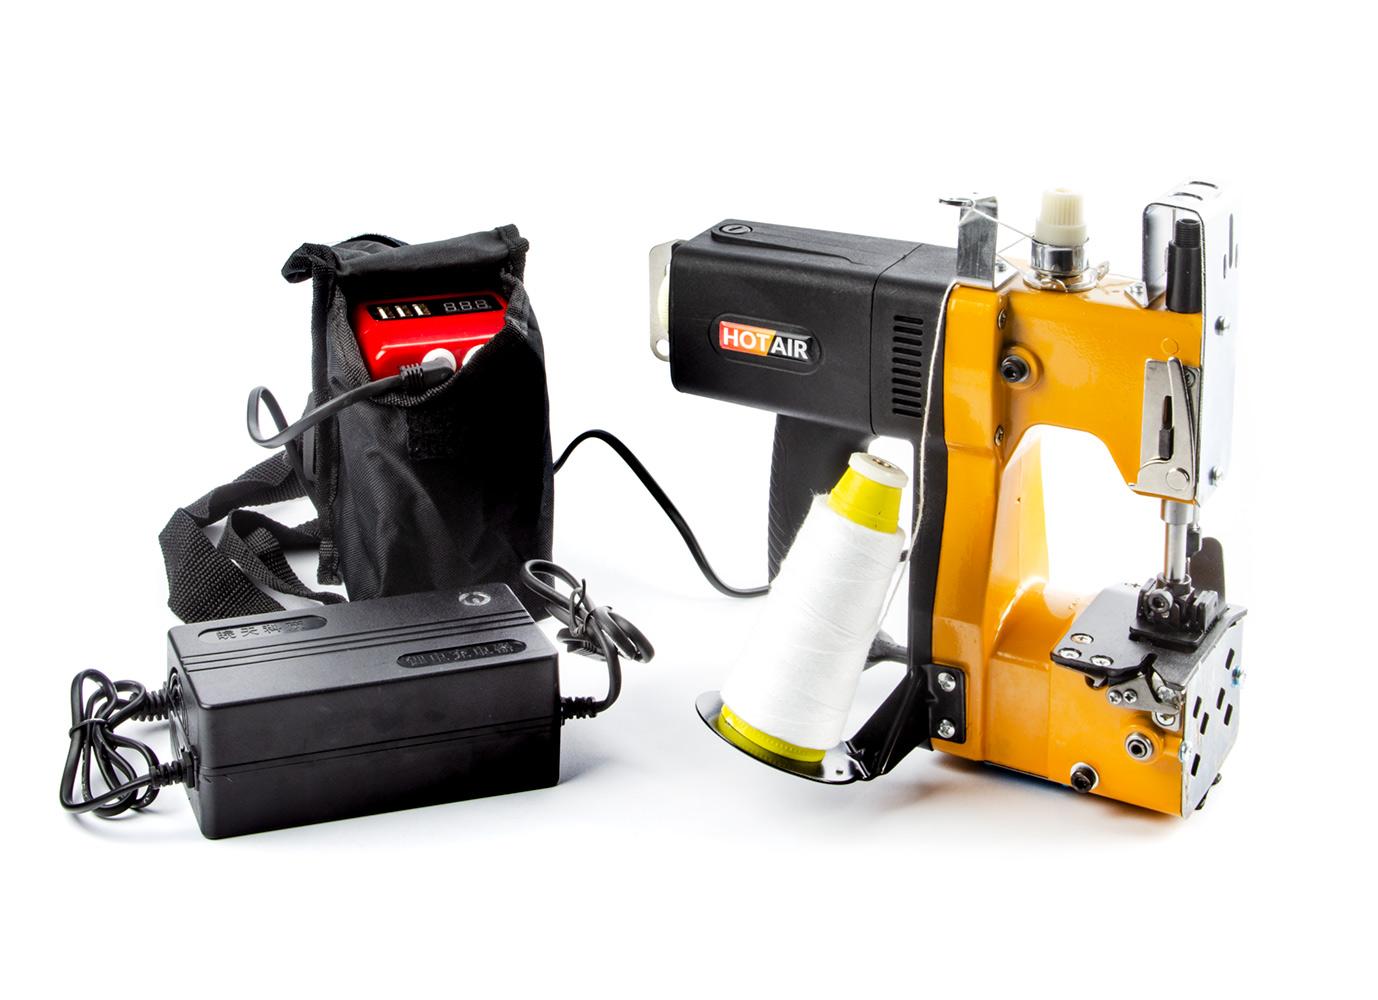 Přenosný pytlovací šicí stroj GK9-350B s akumulátorem pro uzavírání pytlů